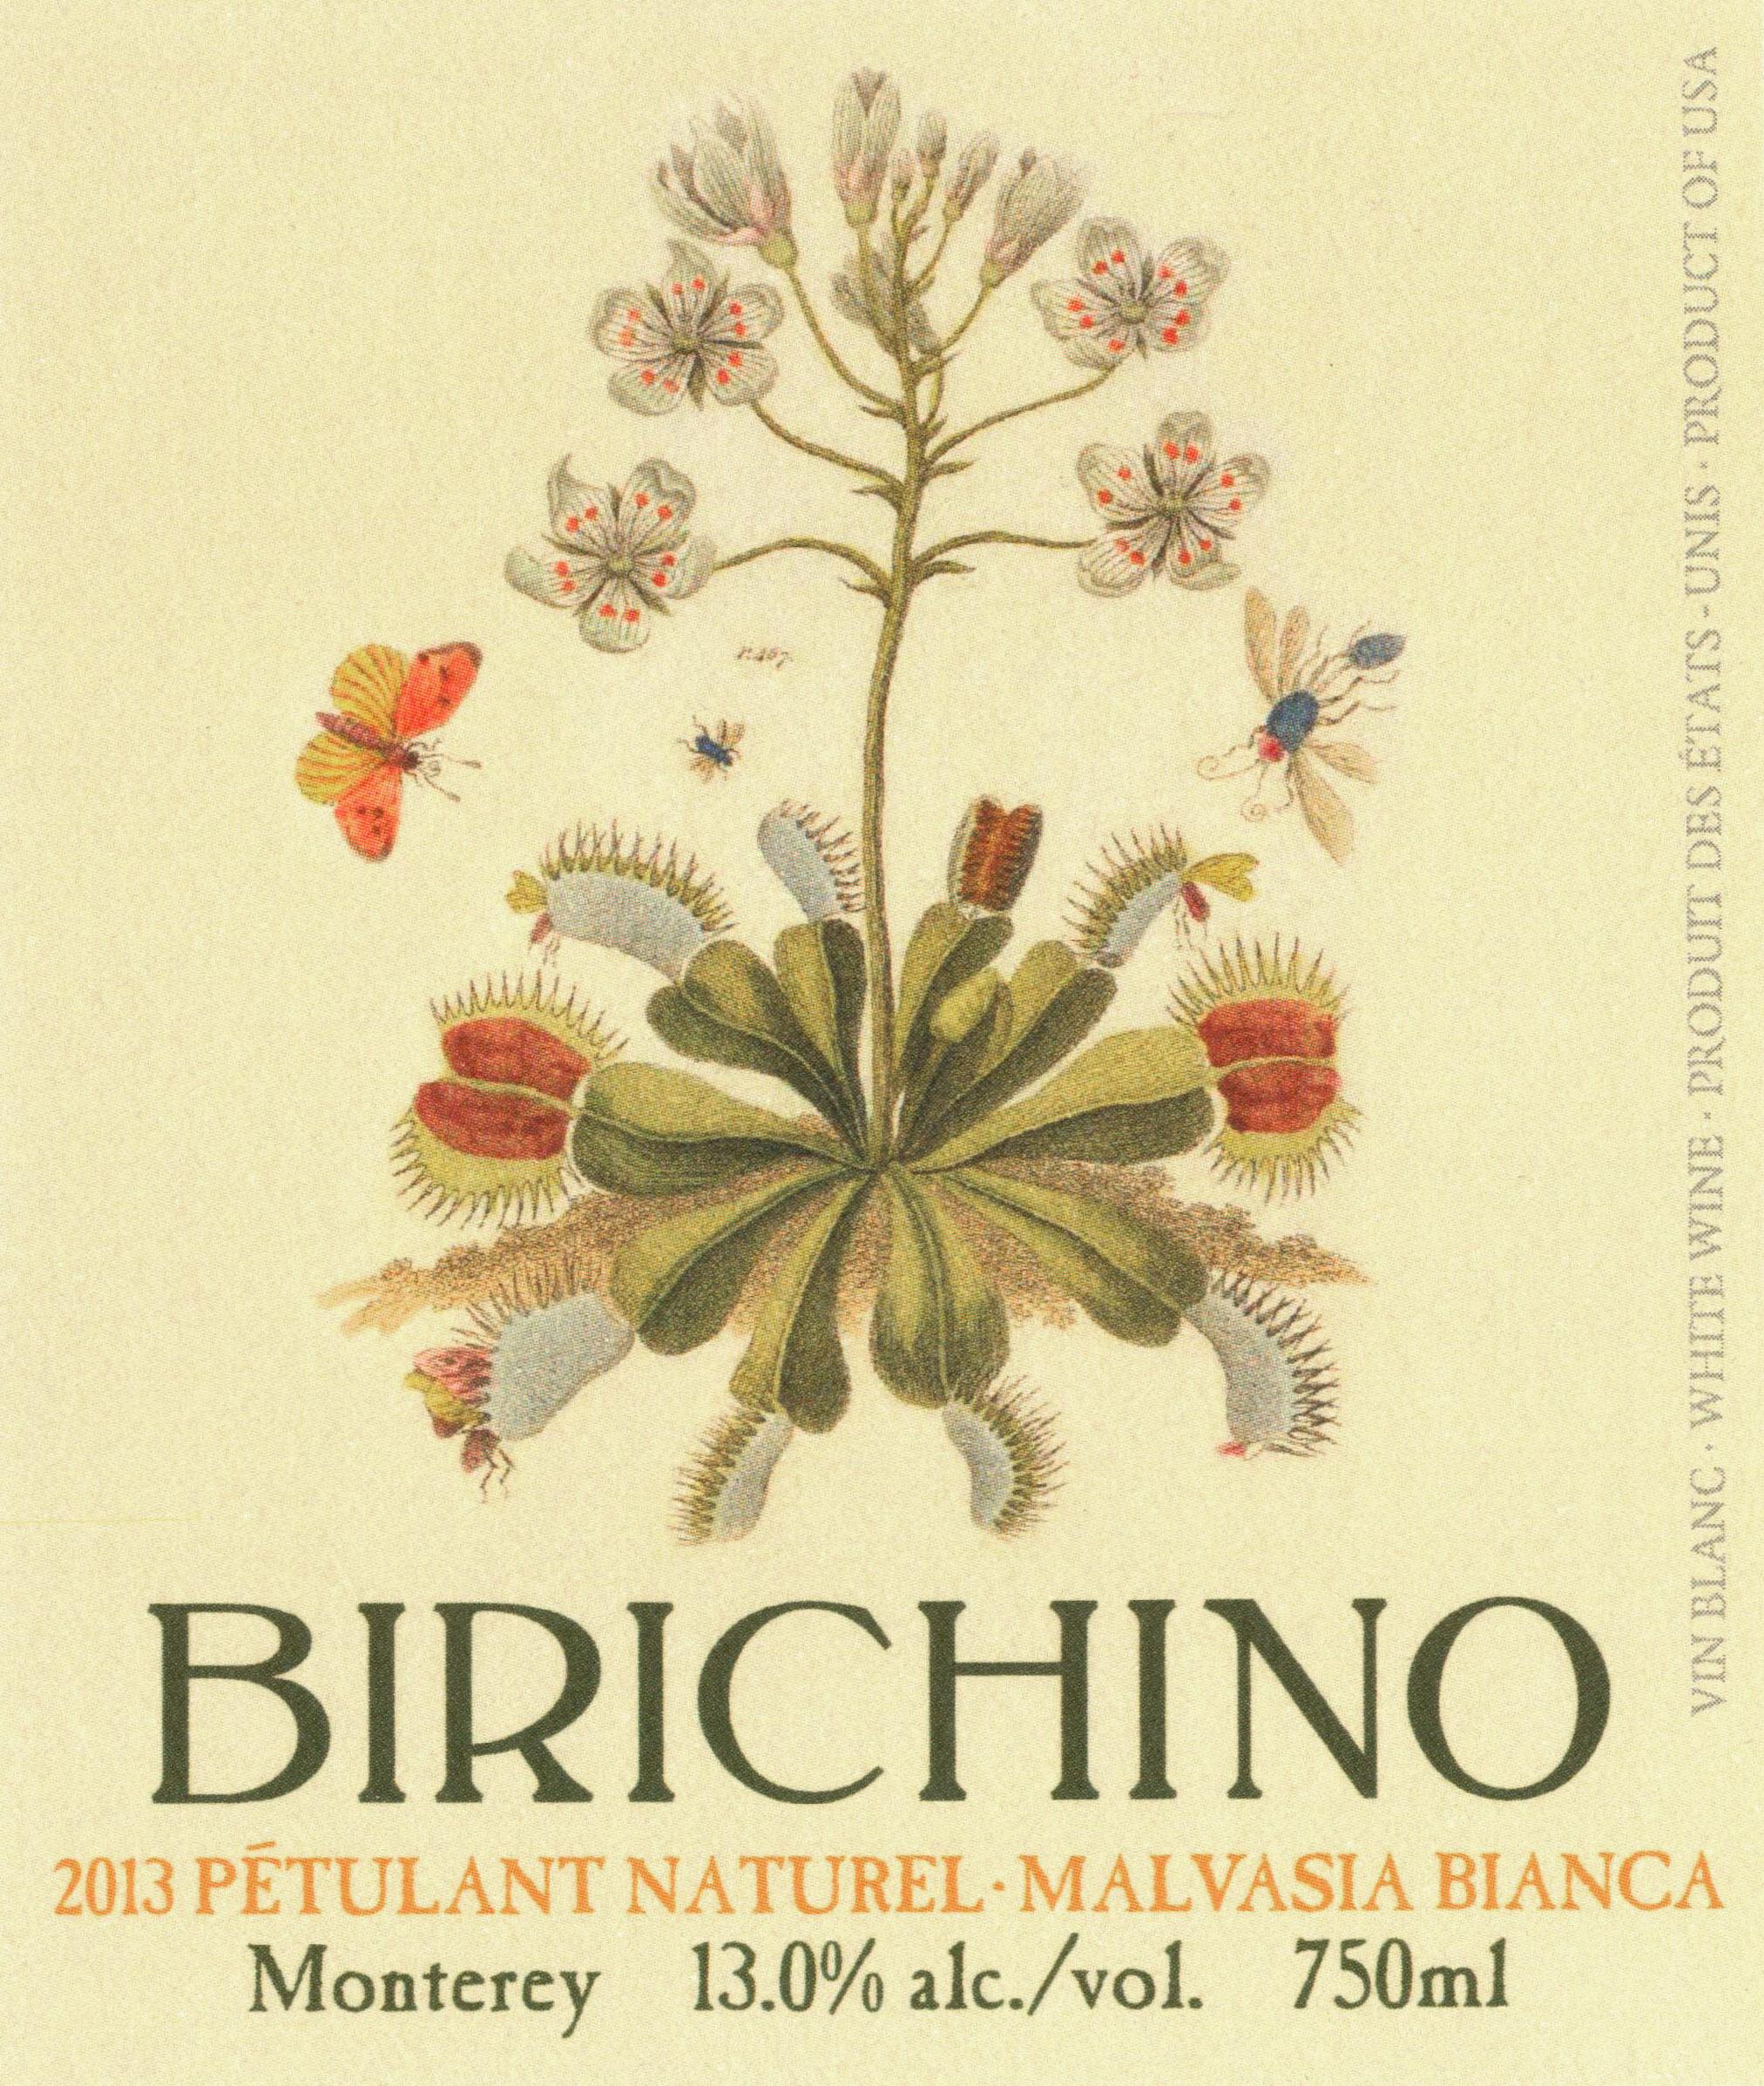 Birichino Naturel.jpeg